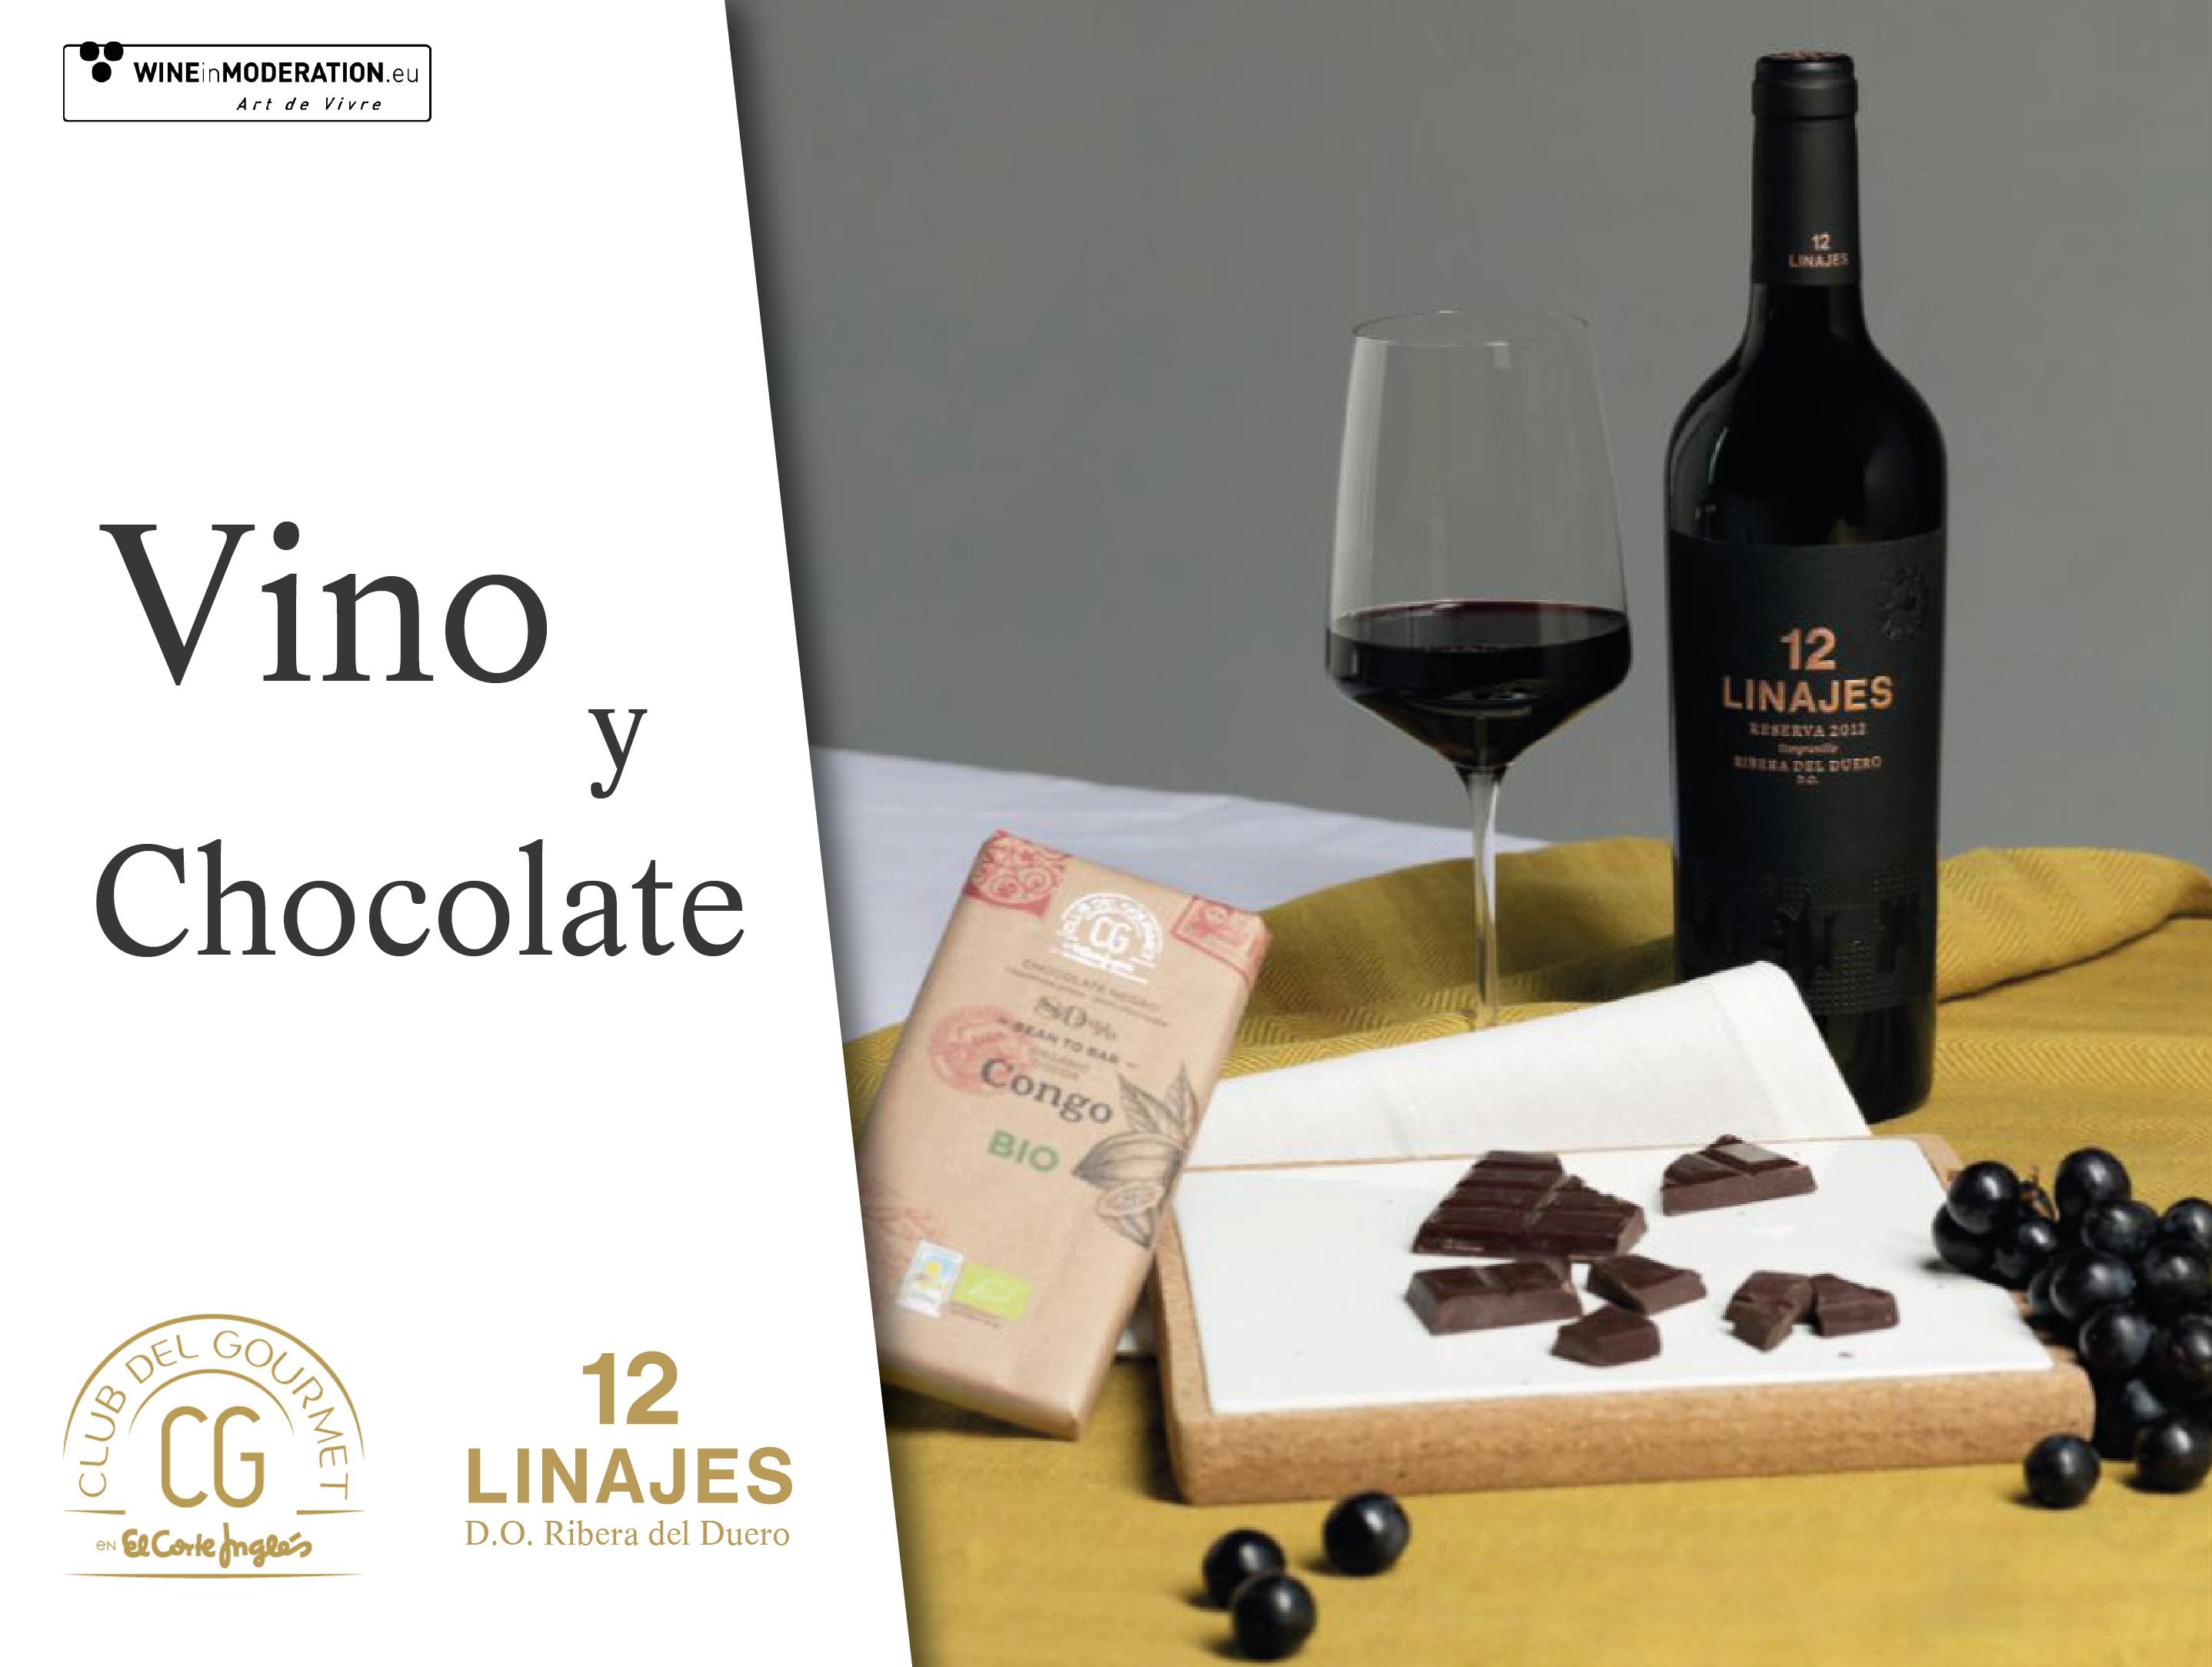 Vino y Chocolate ¿es posible el maridaje?